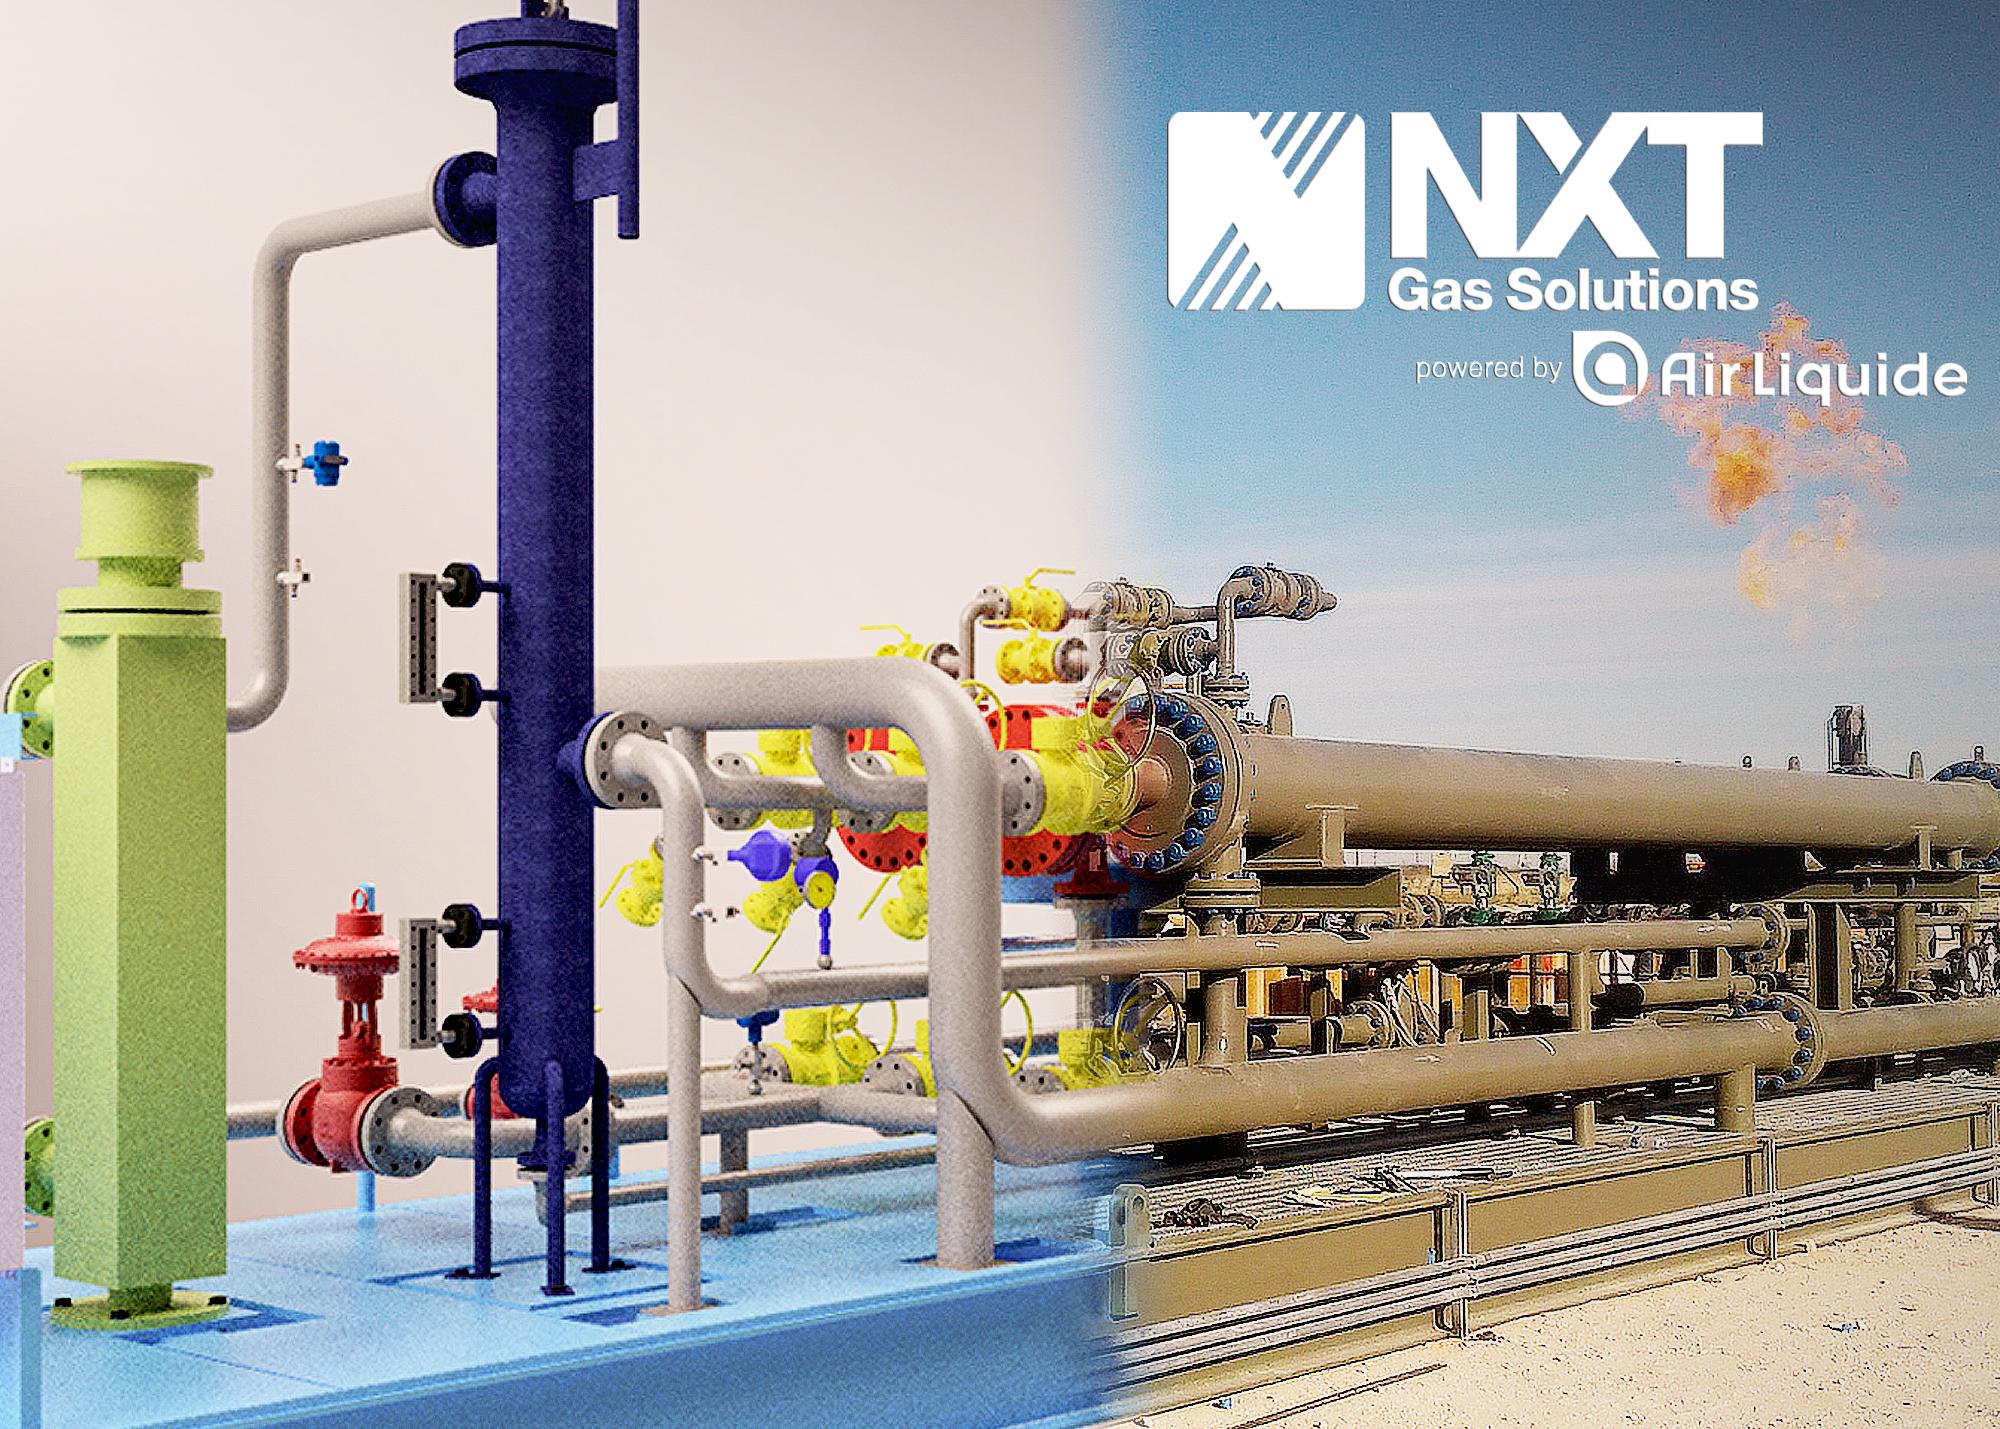 StoneWall NXT Air Liquide Membrane